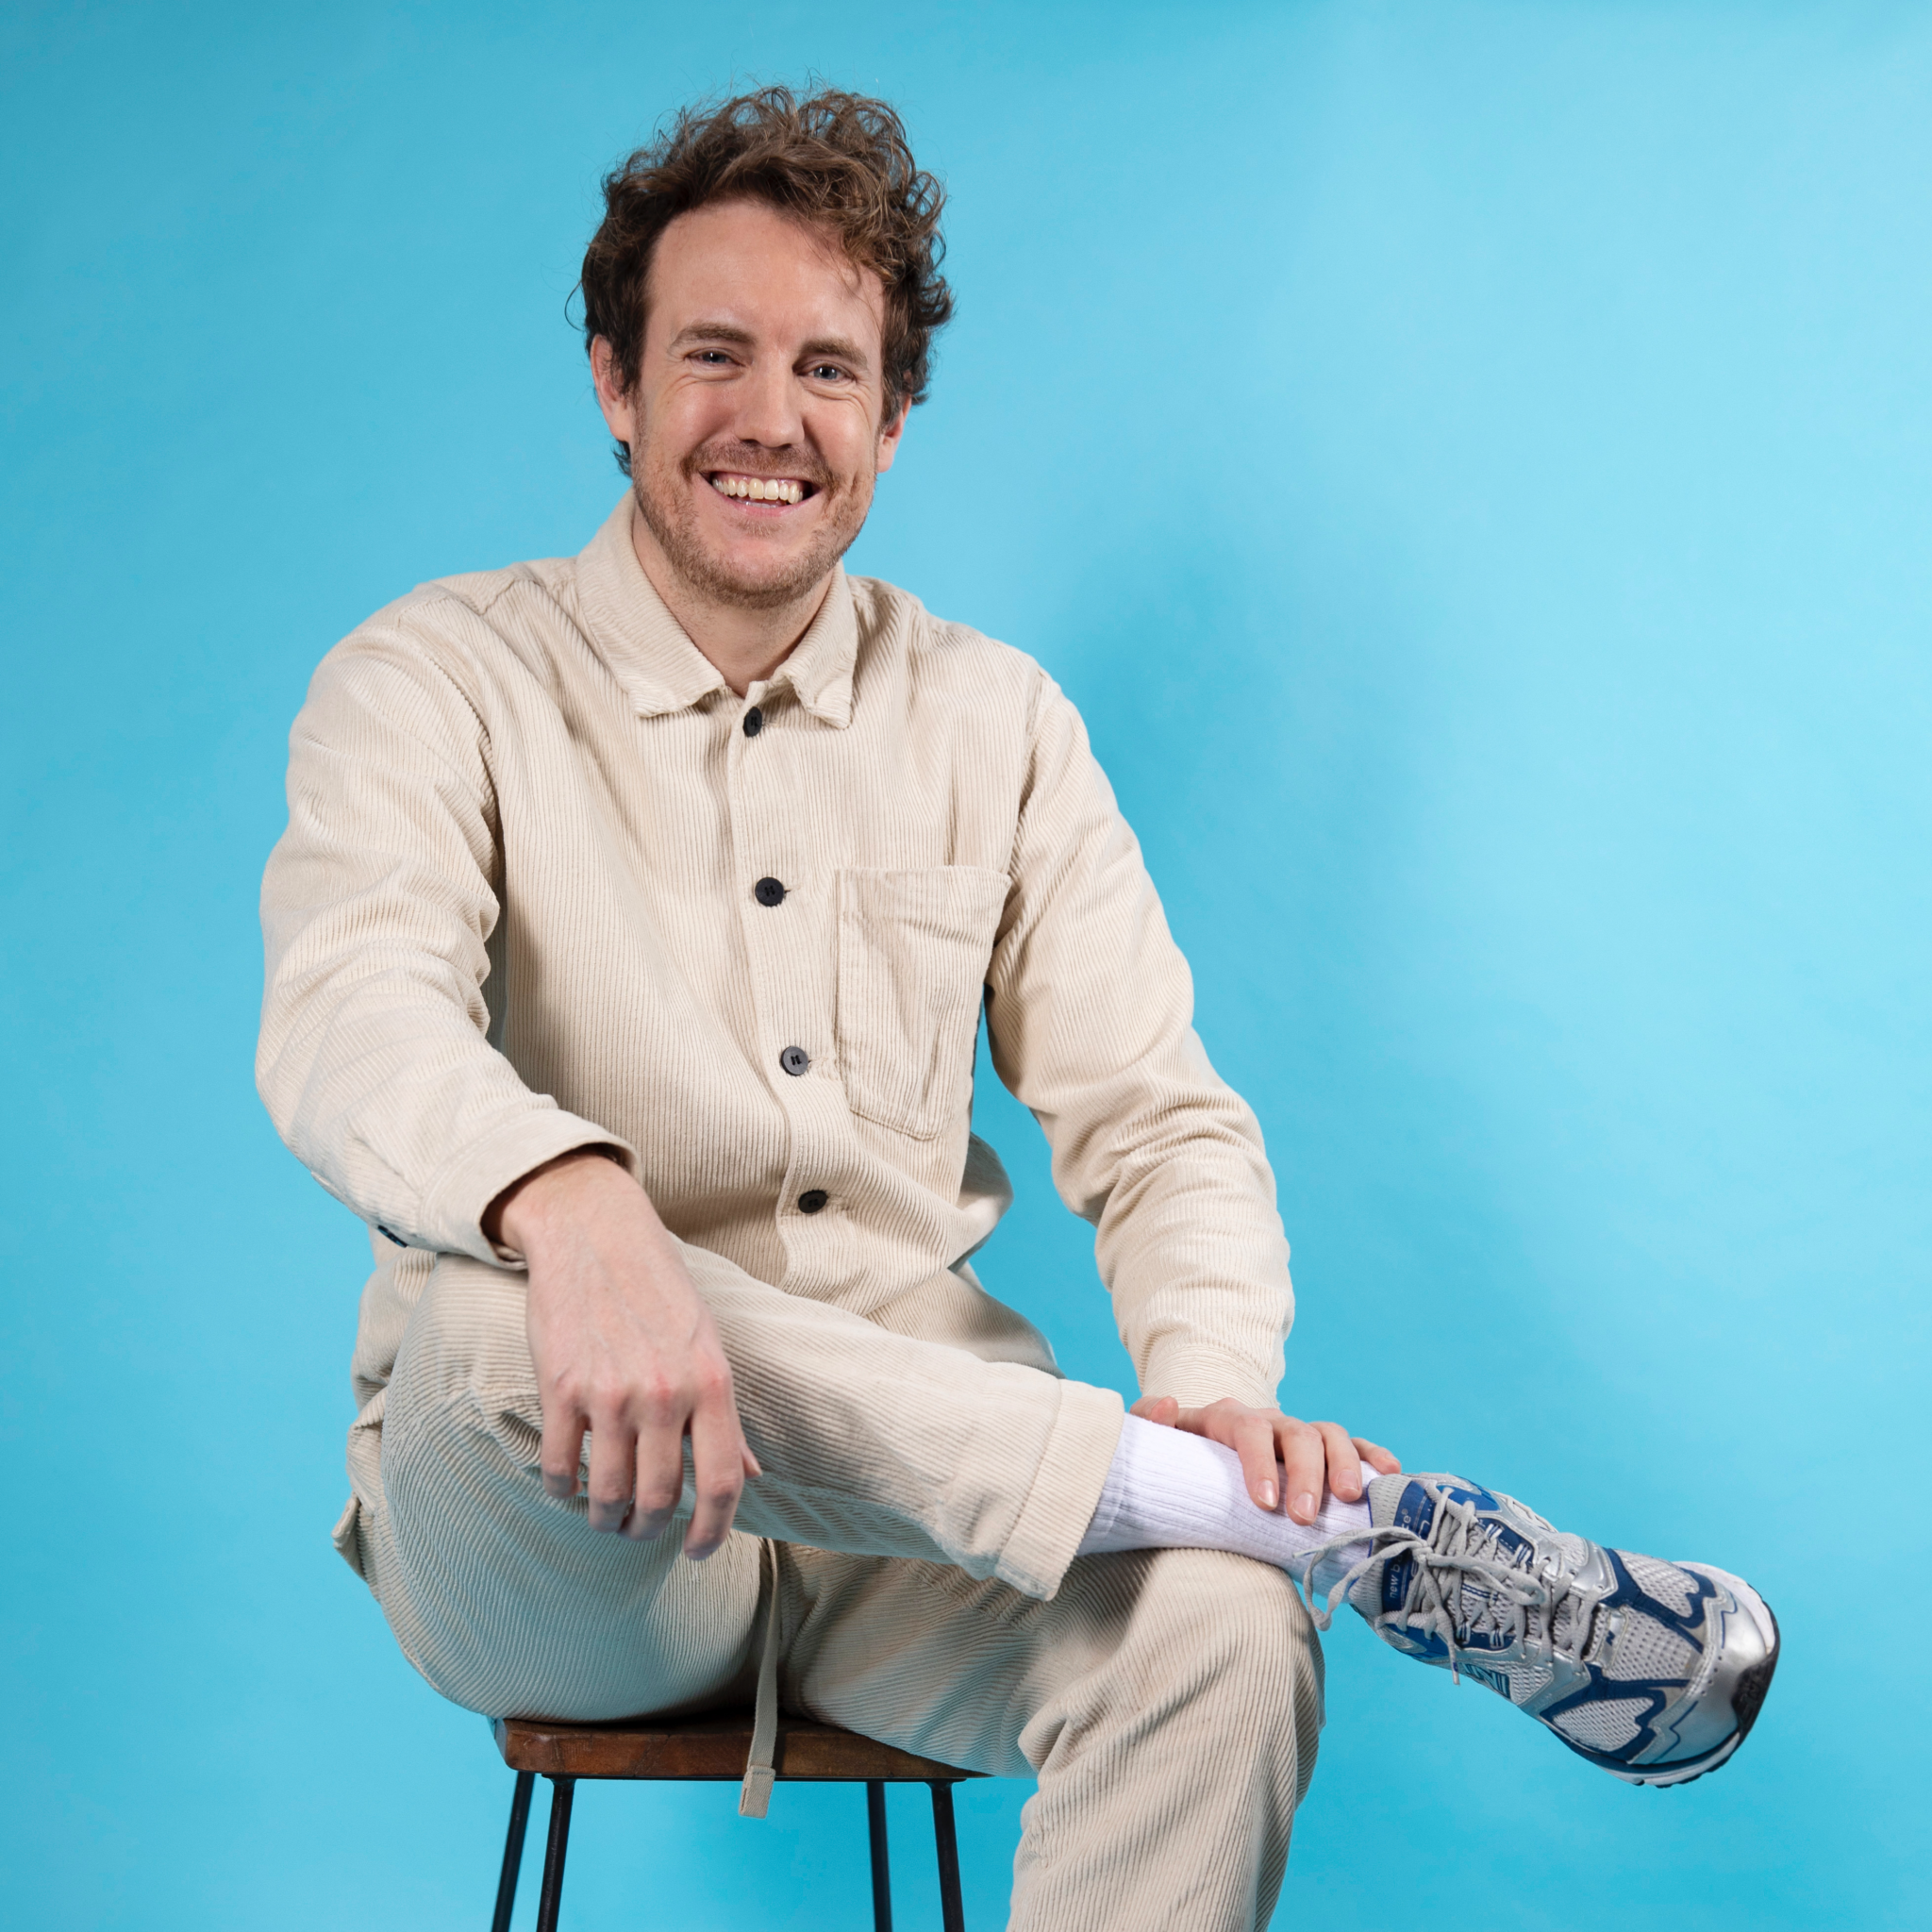 Foto van Bart Snijders, de founder van Sprints & Sneakers